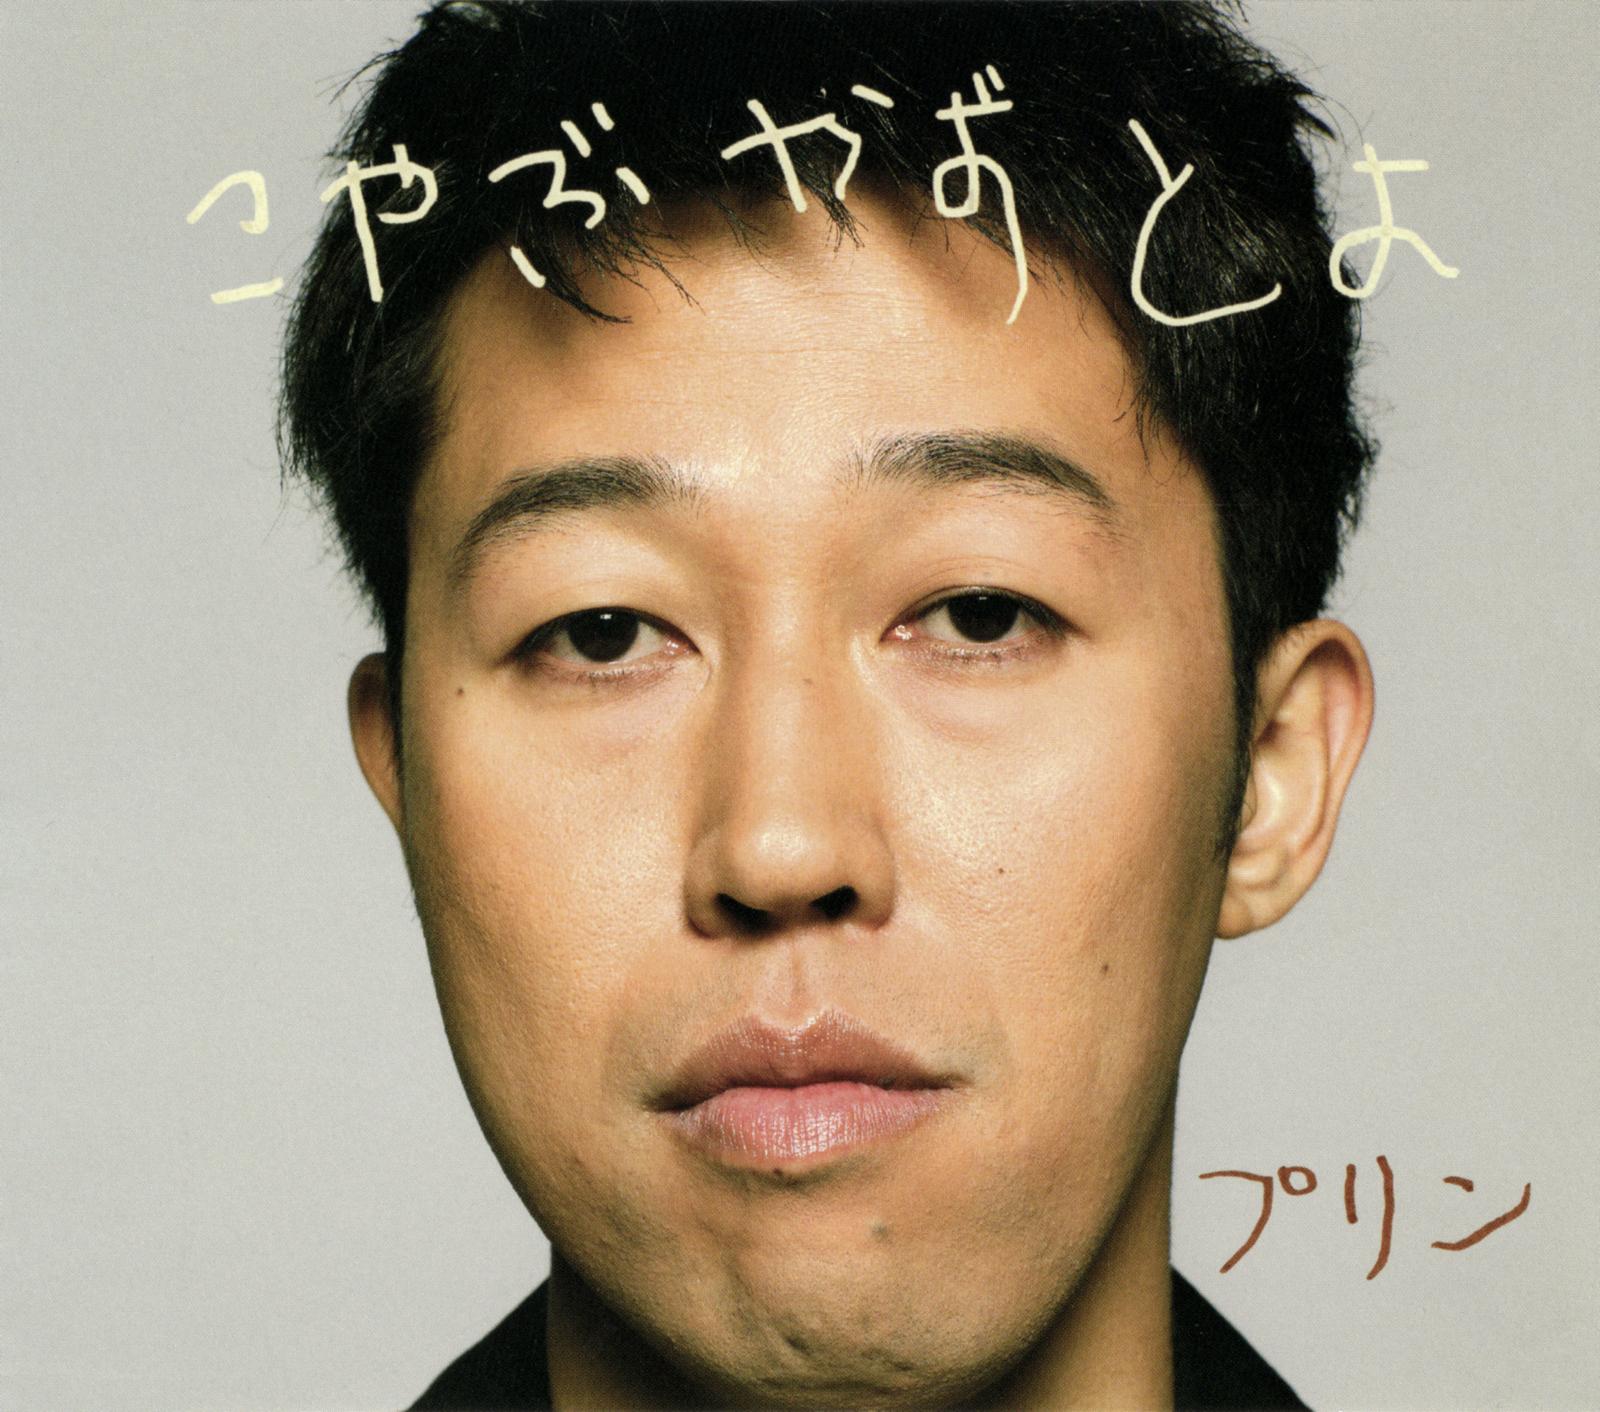 こやぶかずとよ (小籔千豊) 『プリン』(2008年2月20日発売) 高画質ジャケット画像